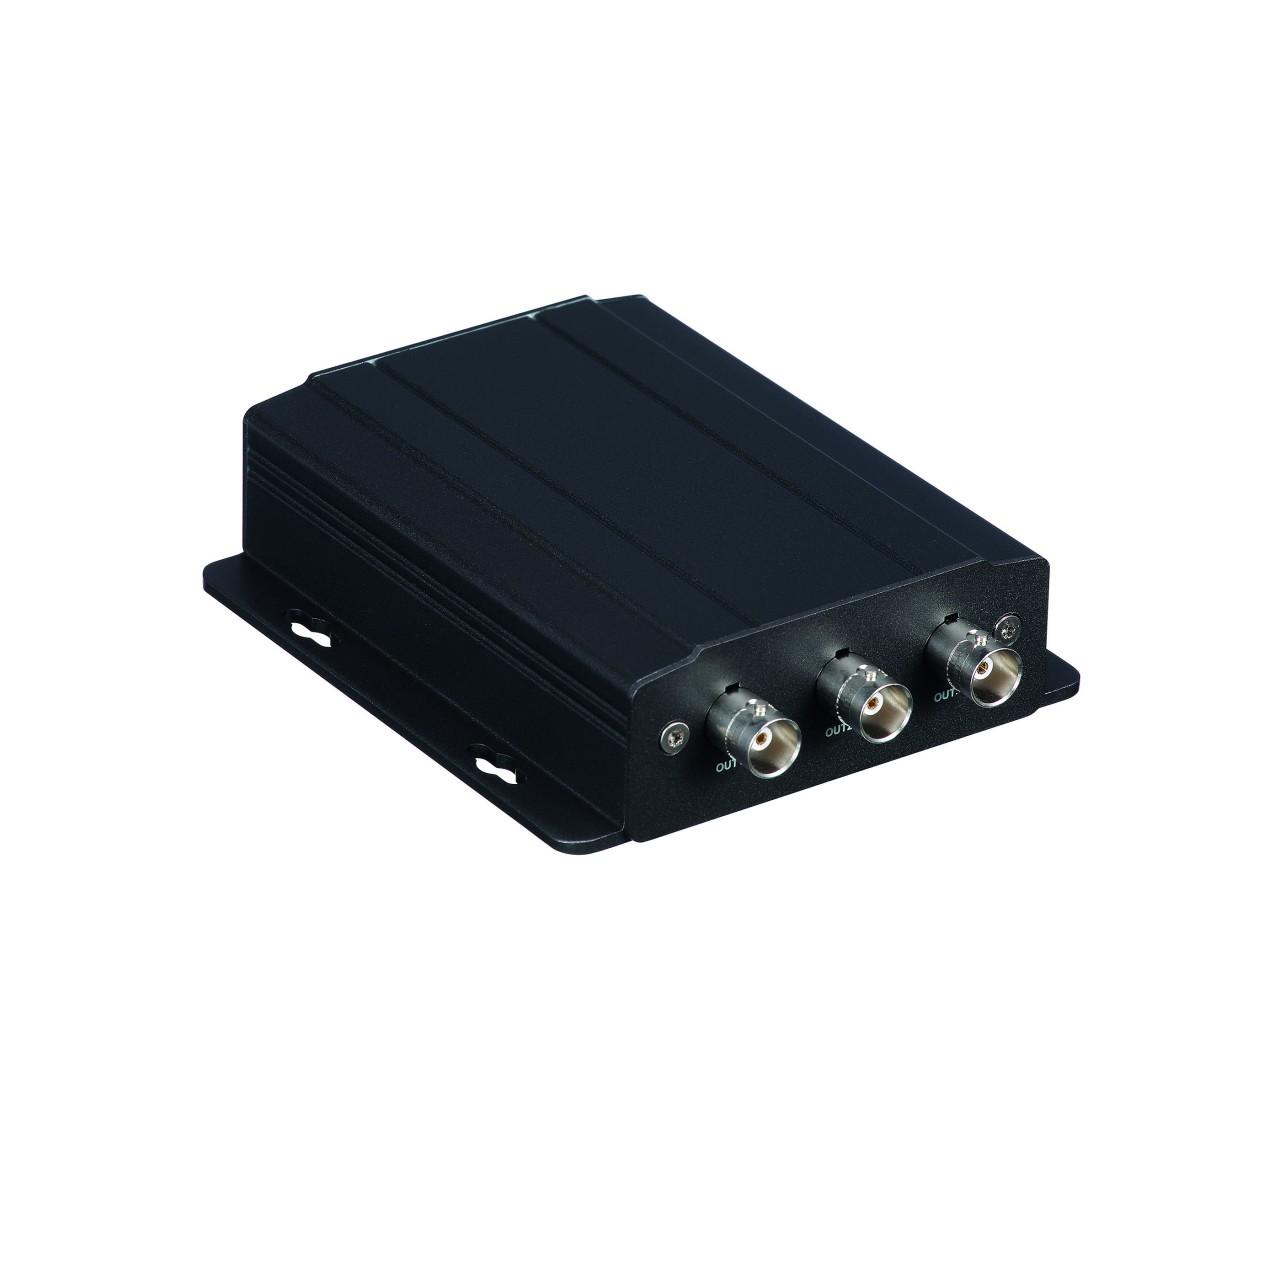 TURM Full HD Signalverteiler 1 HDCVI Anschluss auf 3 HDCVI Anschlüsse bis max. 300m